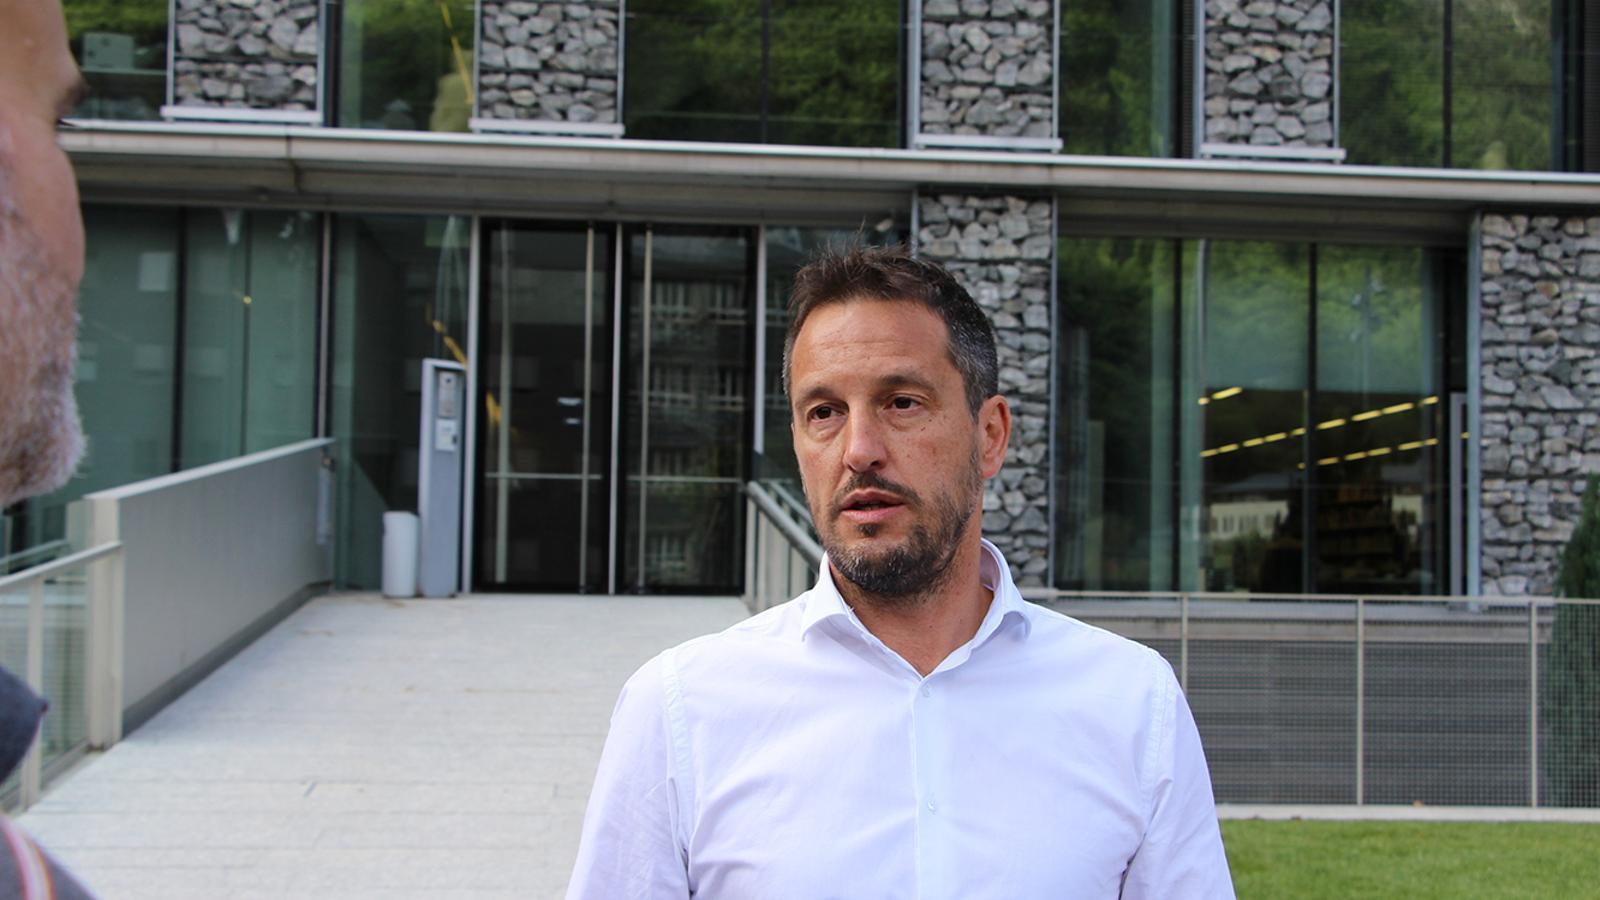 El president del grup parlamentari socialdemòcrata, Pere López. / M. F.